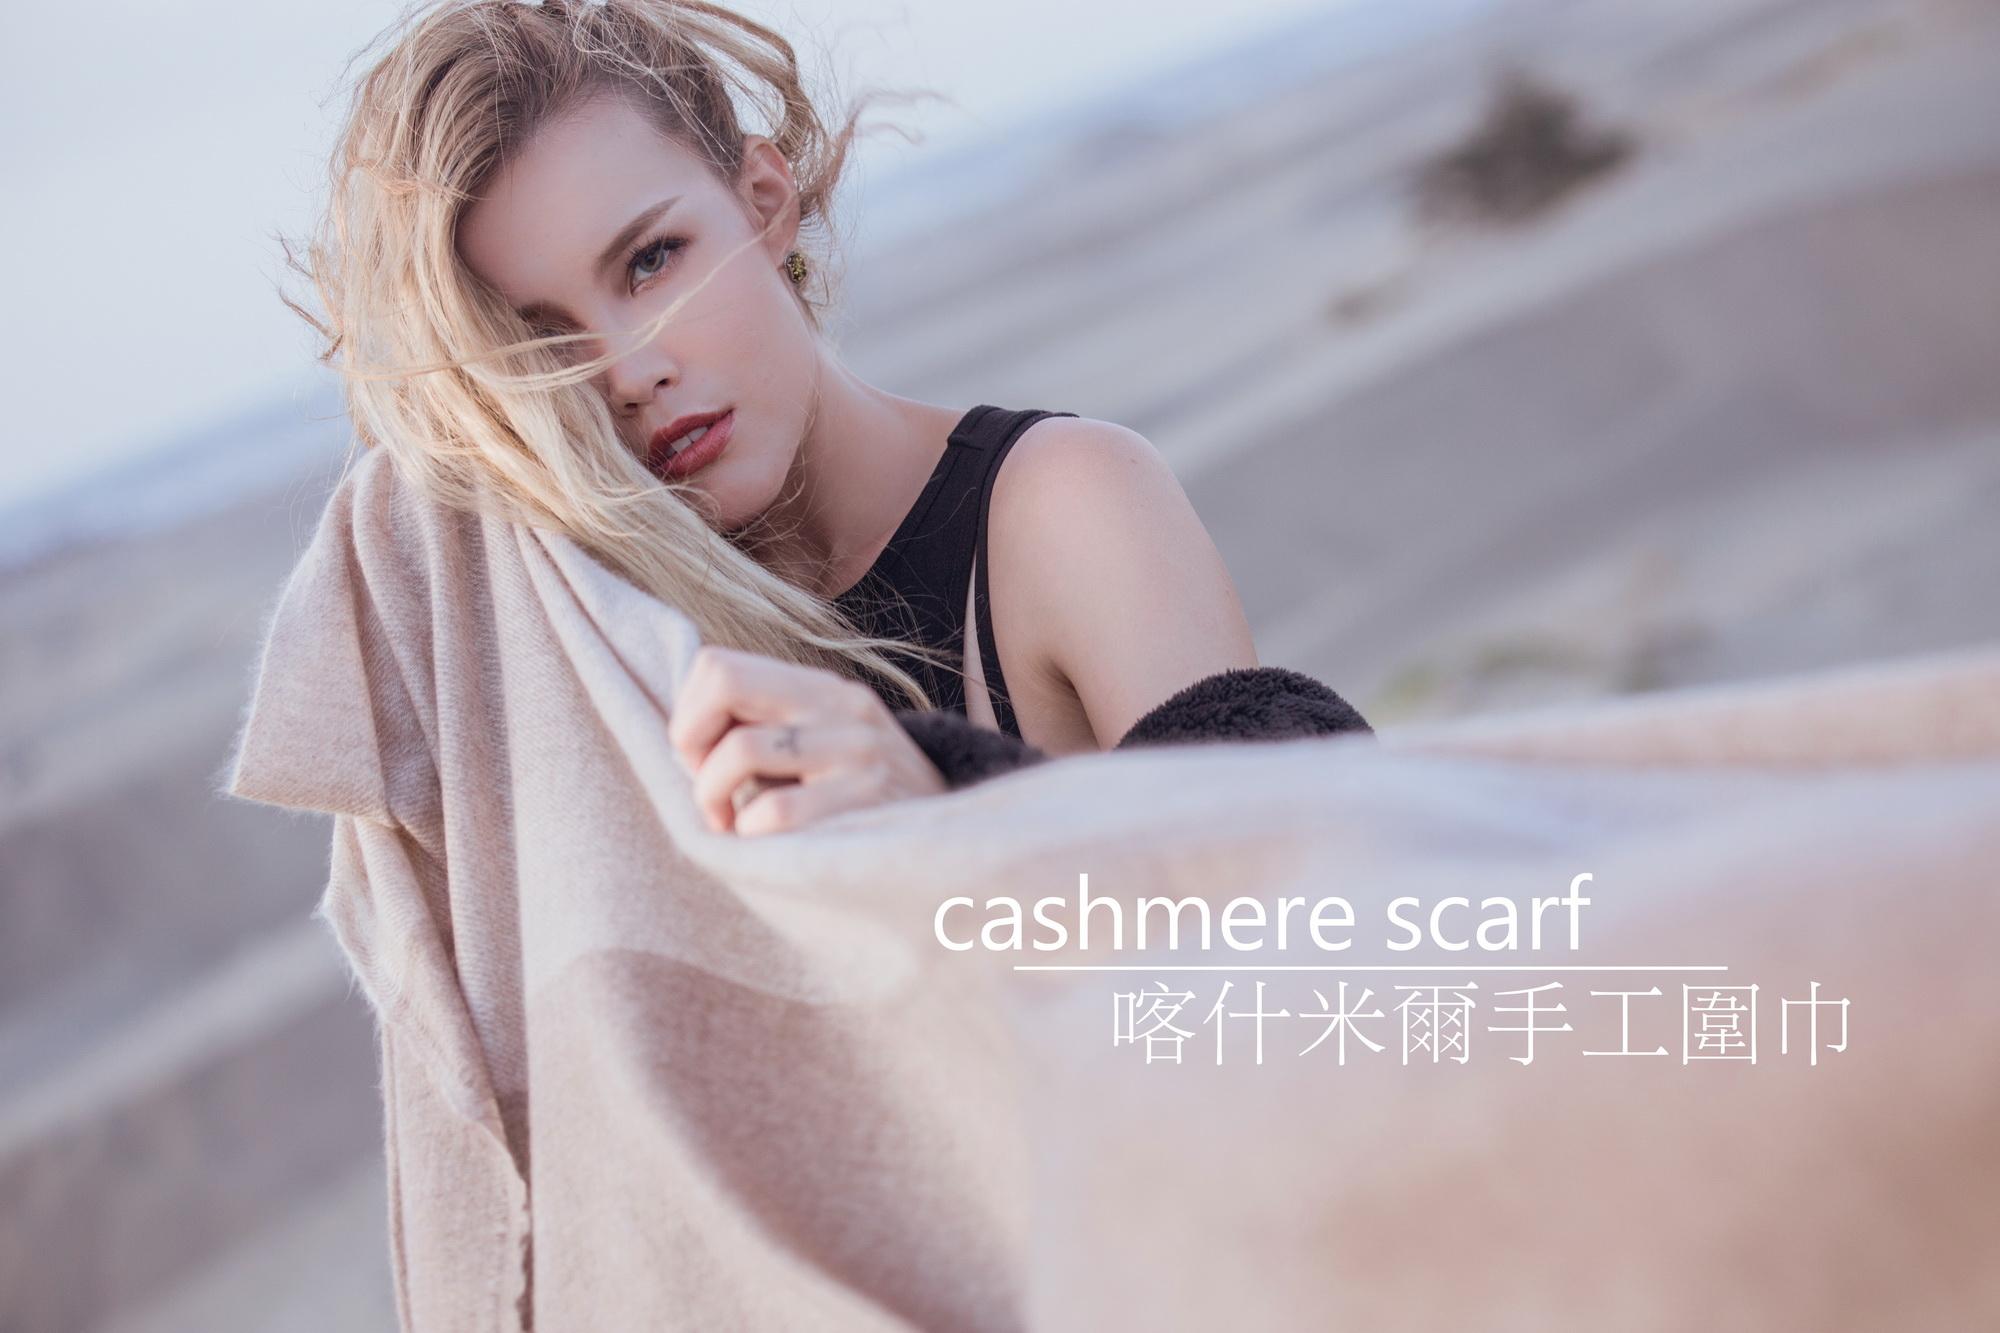 zentopia cashmere,經典原色無染喀什米爾圍巾